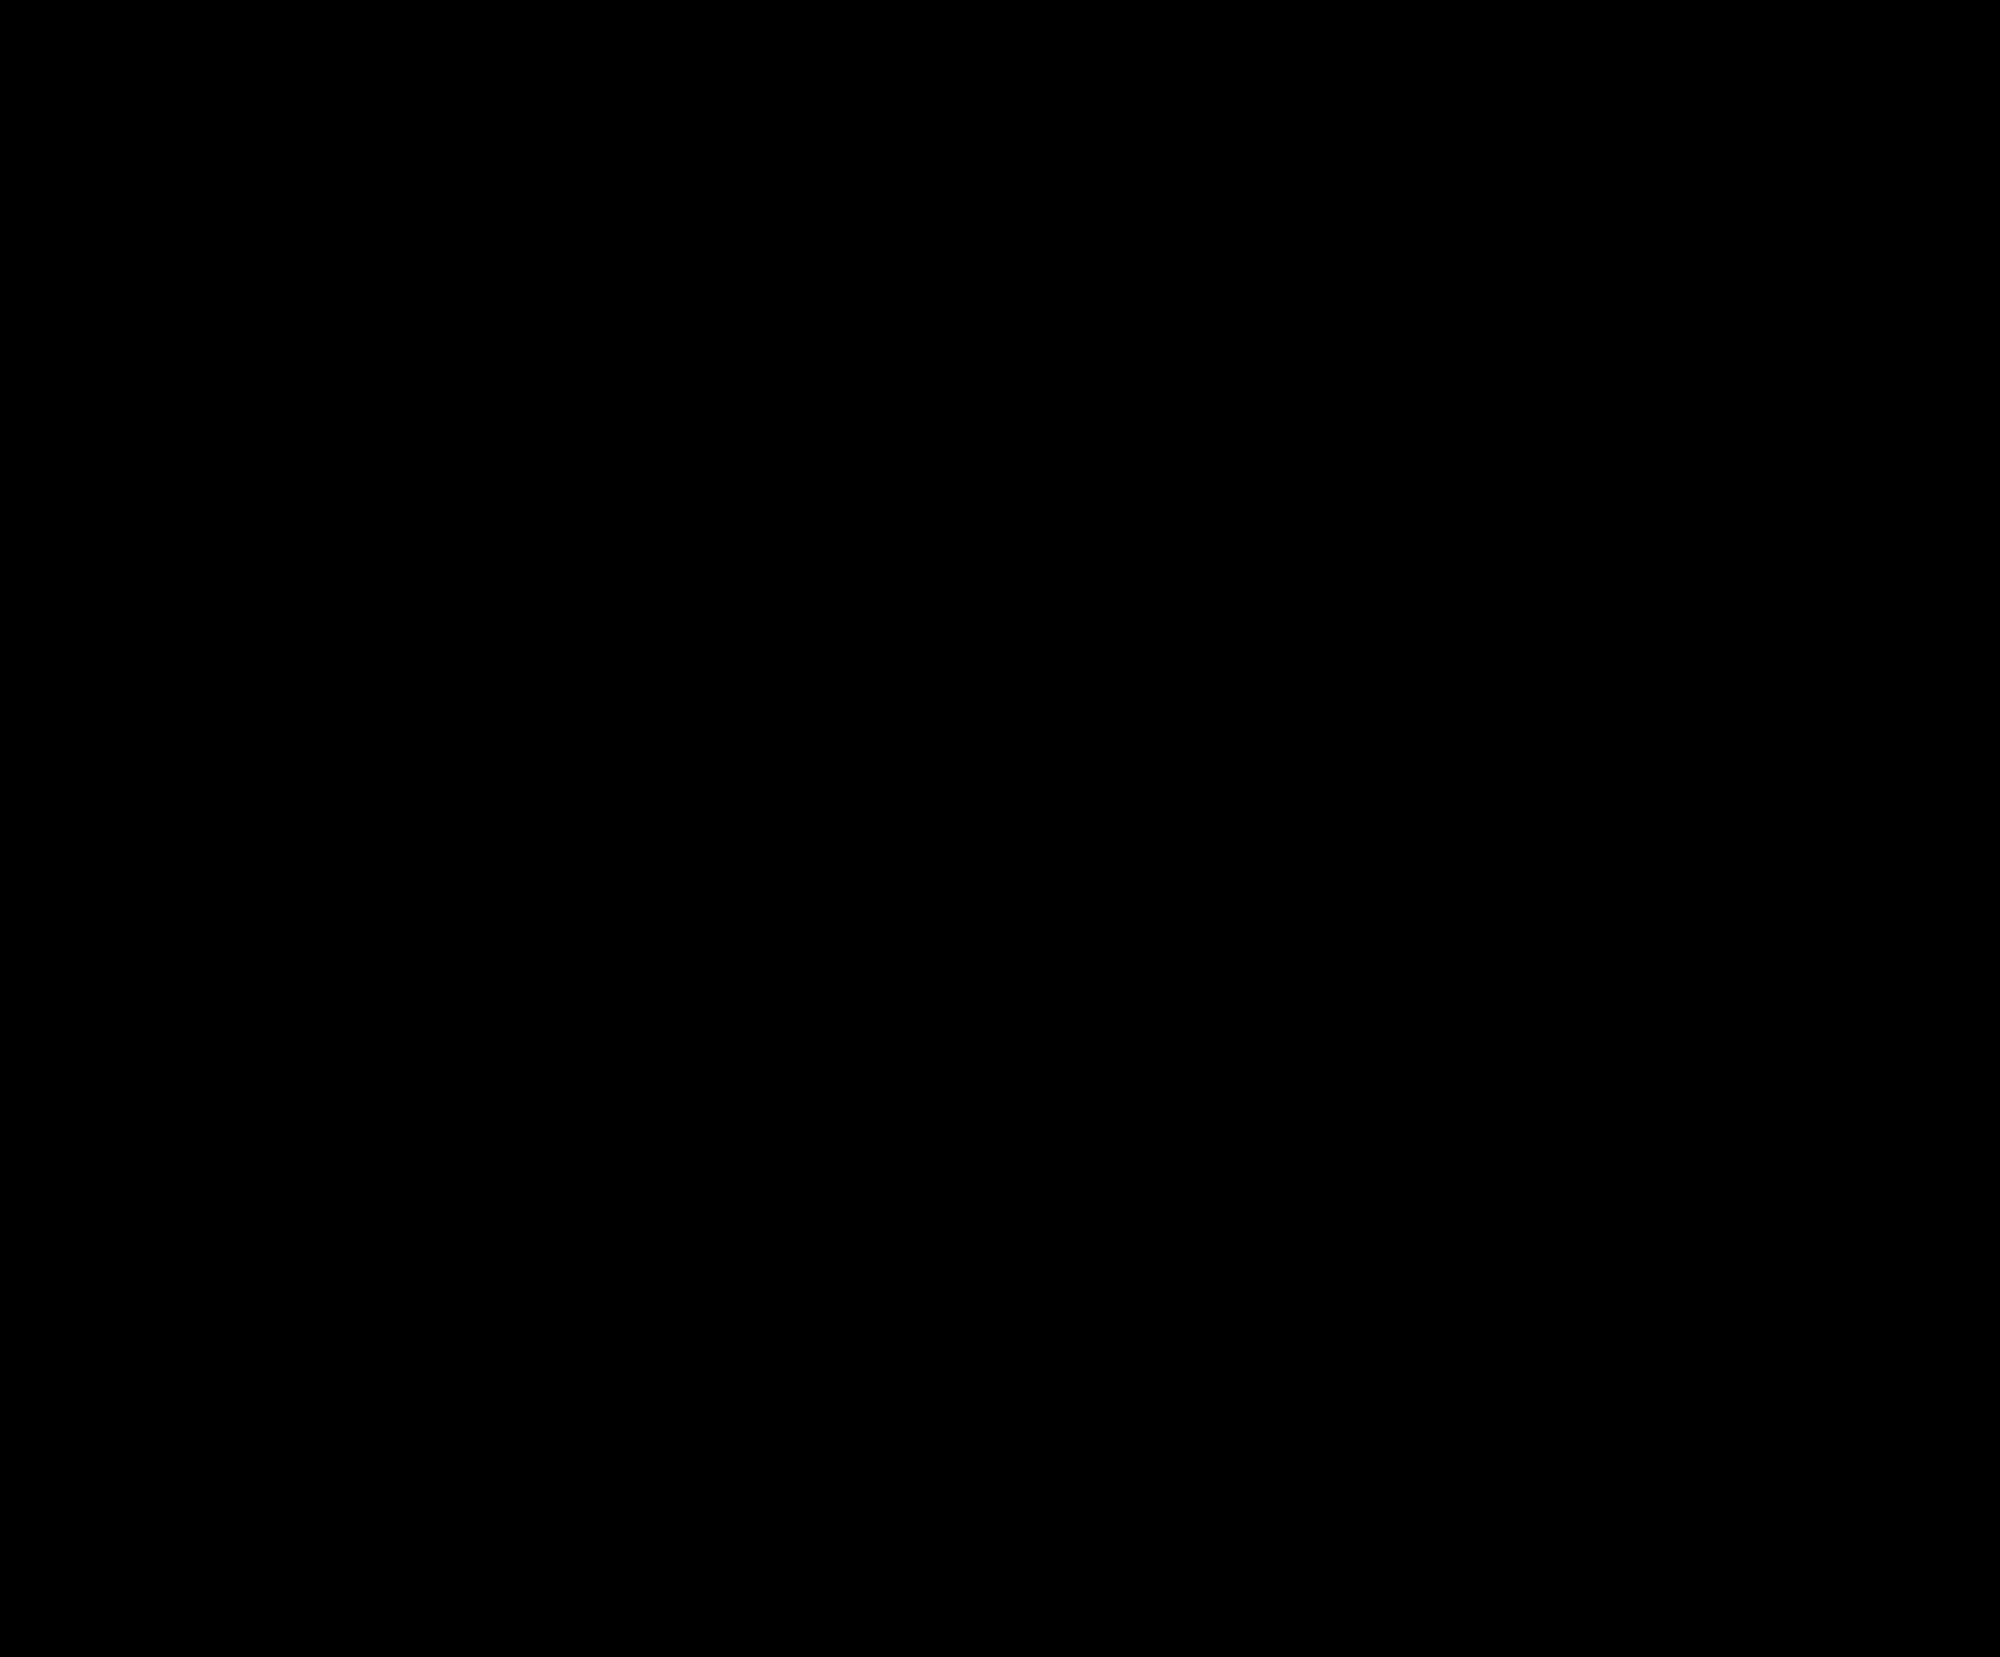 vandelay - npm